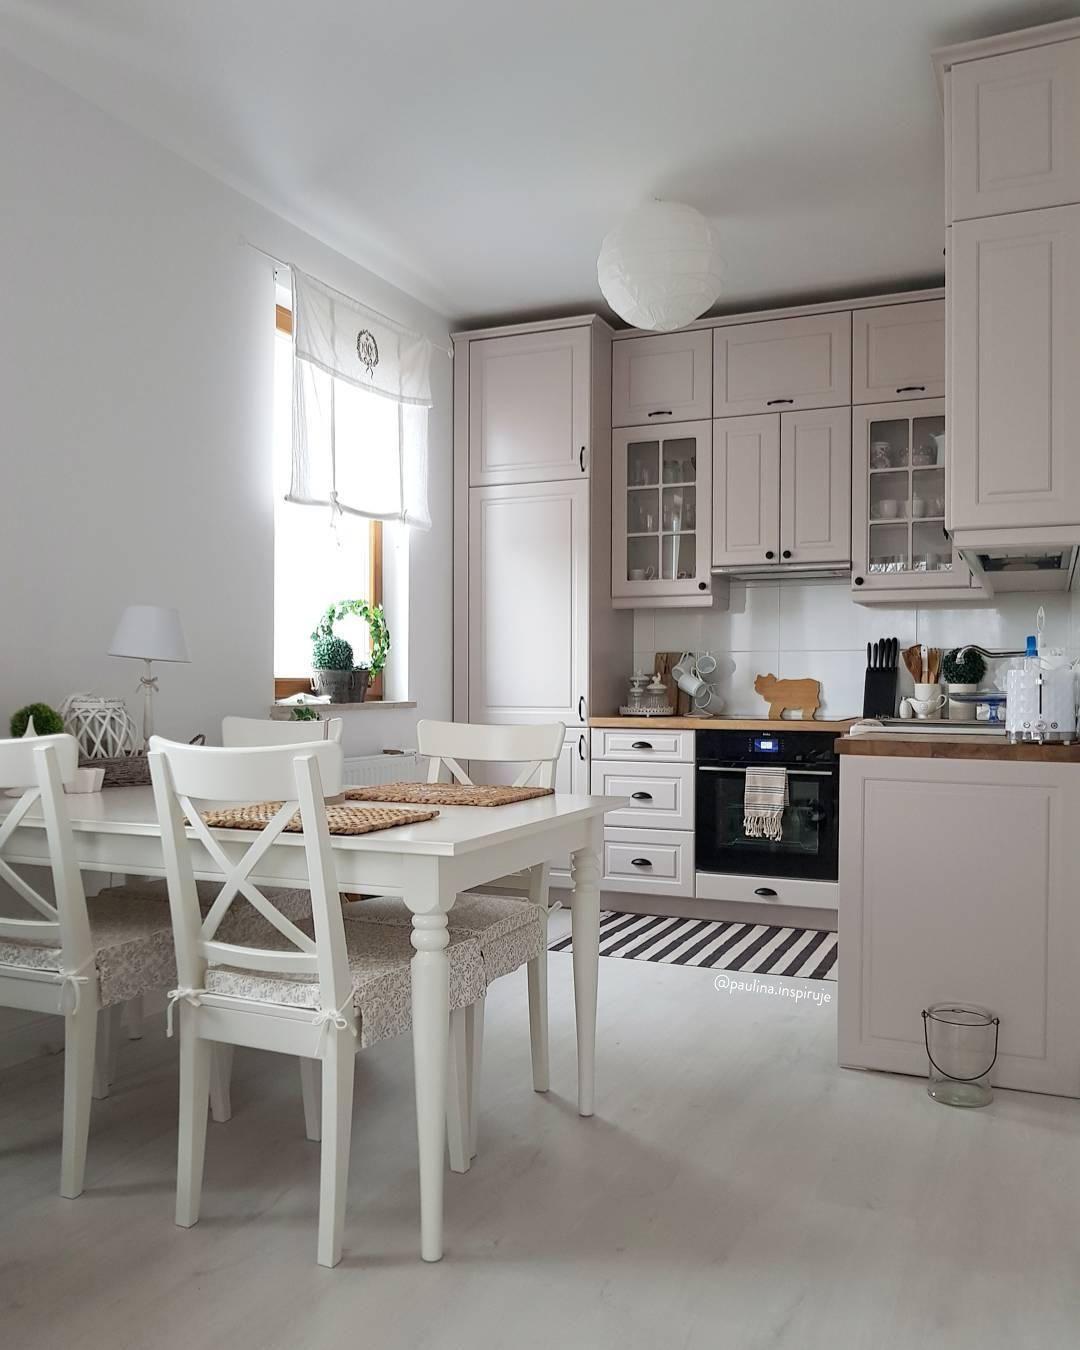 Mobiletto Sala Da Pranzo avere gli accessori e l'arredamento giusto per la cucina è